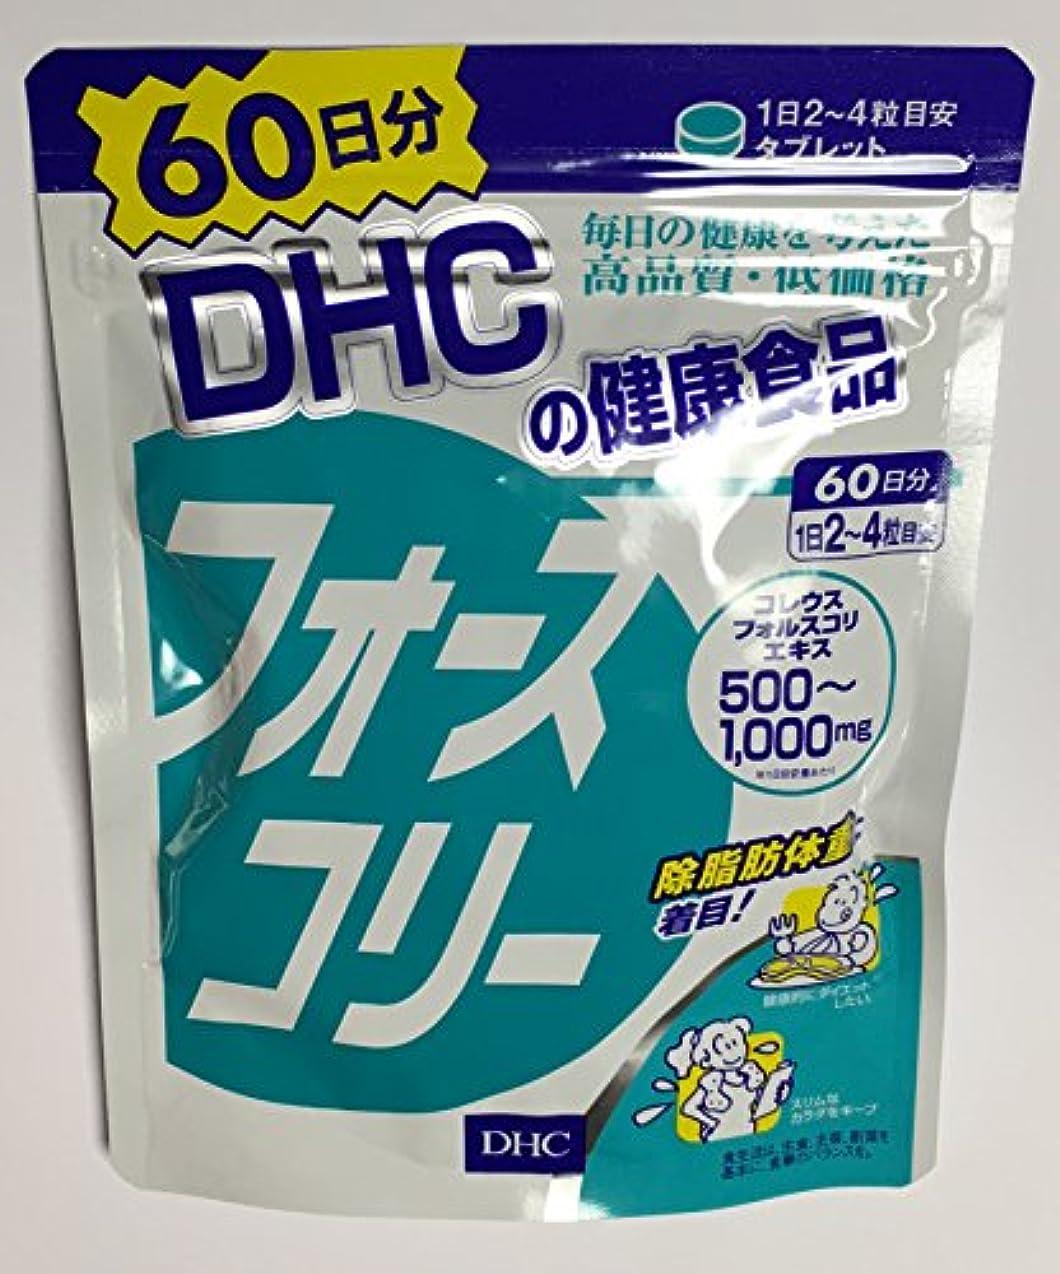 少ないぞっとするような目指す【大容量】DHC フォースコリー (60日分) 240粒